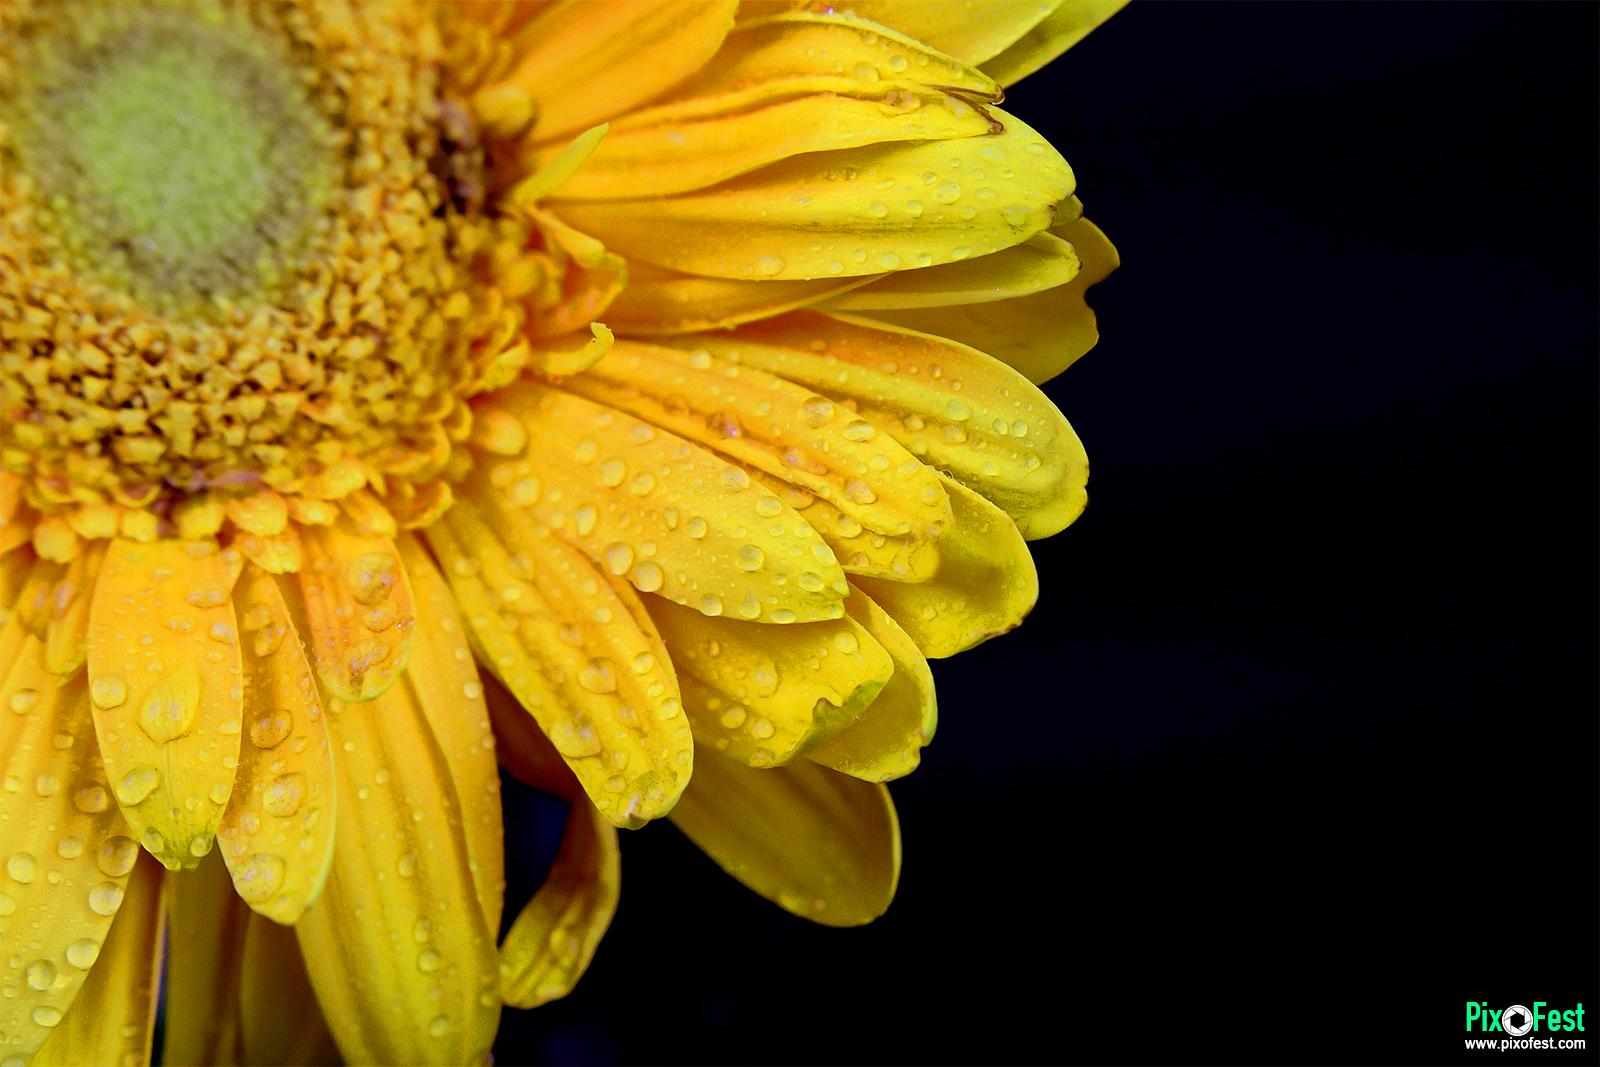 sunflower,flowers,nature,flower,redsunflower,sunflowerseed,sunflowers,flowersphotography,photography,sunflowerwithwater,sunflowerwithwaterdrop,summer,pixofest